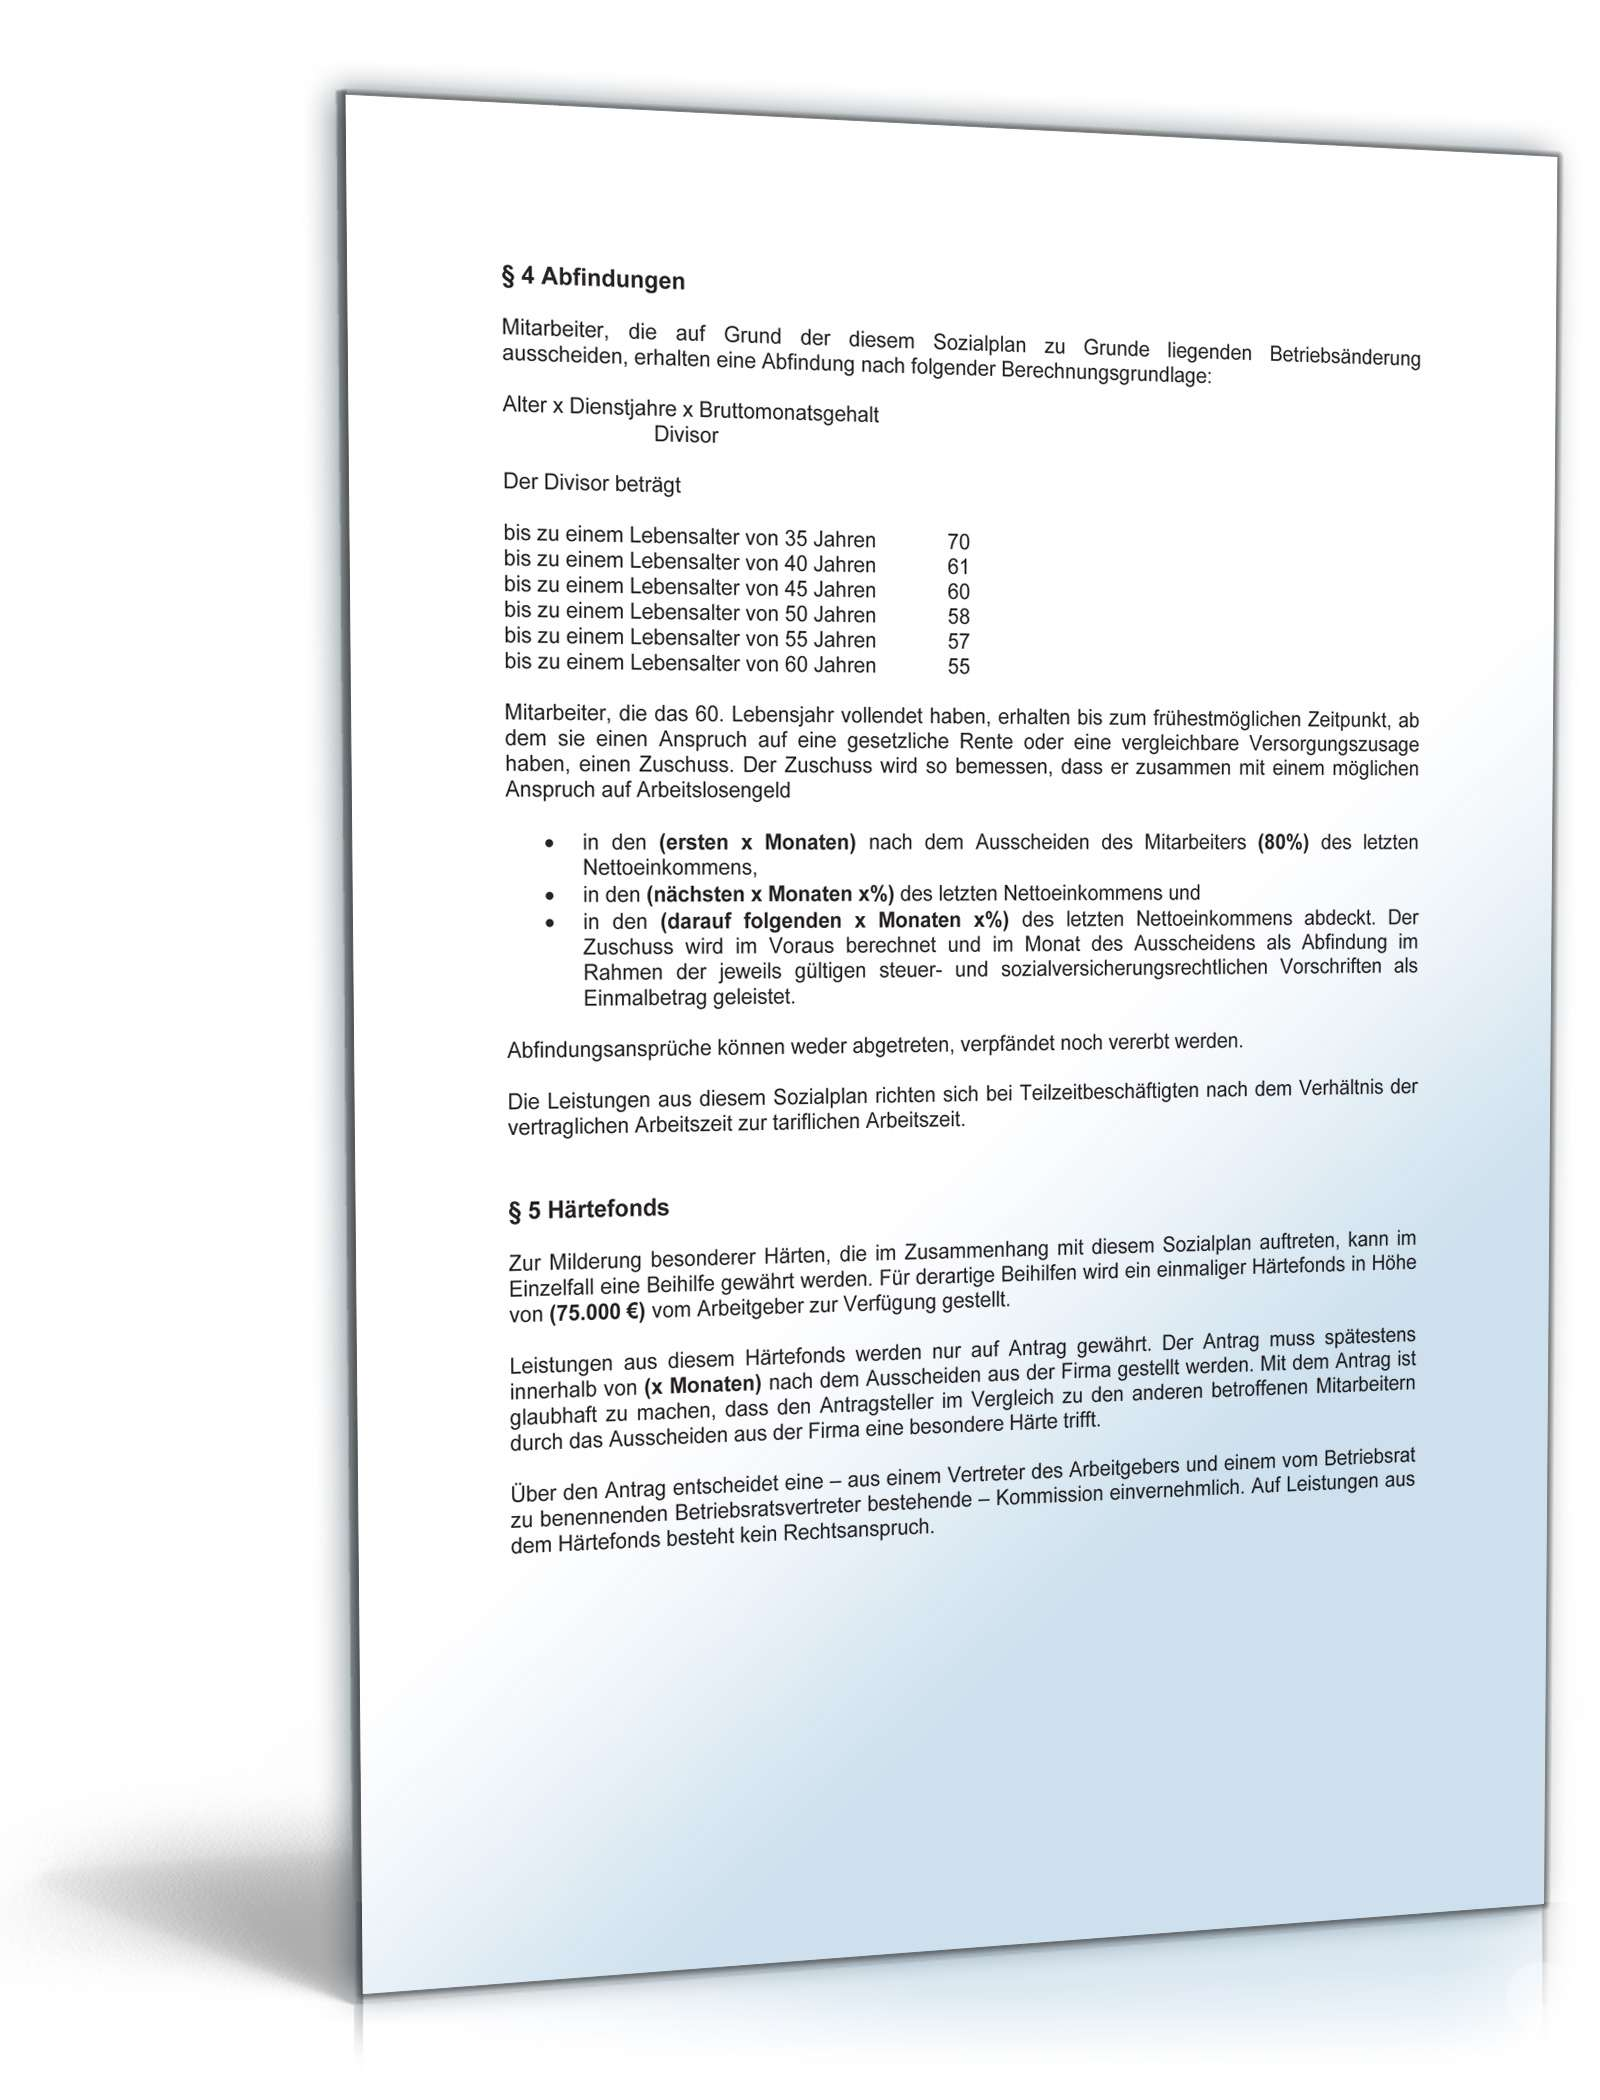 Charmant Kartenvorlage Verpfänden Bilder - Beispiel Business ...